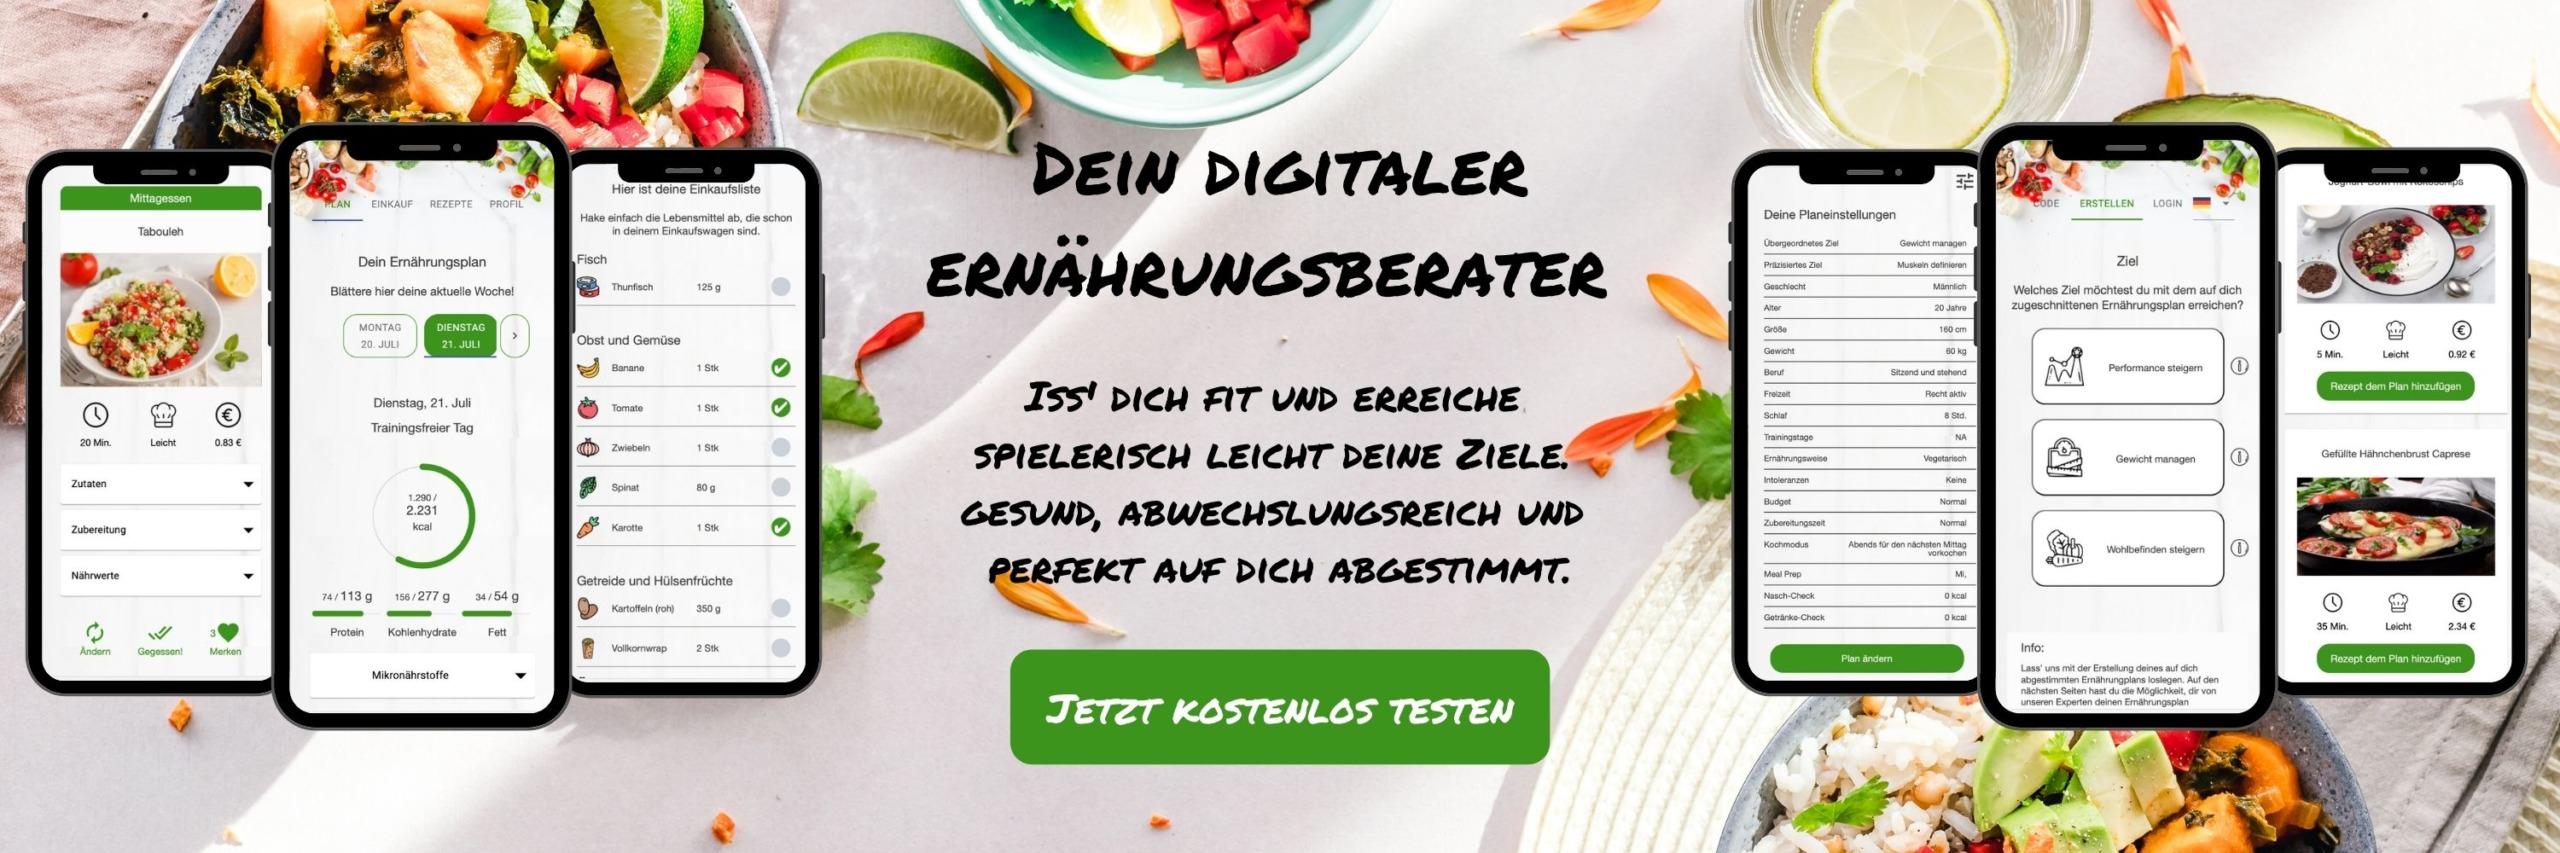 Dein digitaler Ernährungsberater per Ernährungs-App - Ernährungspläne erstellen mit Natty Gains - Handyansicht Ernährungs-App für gesunde Ernährung